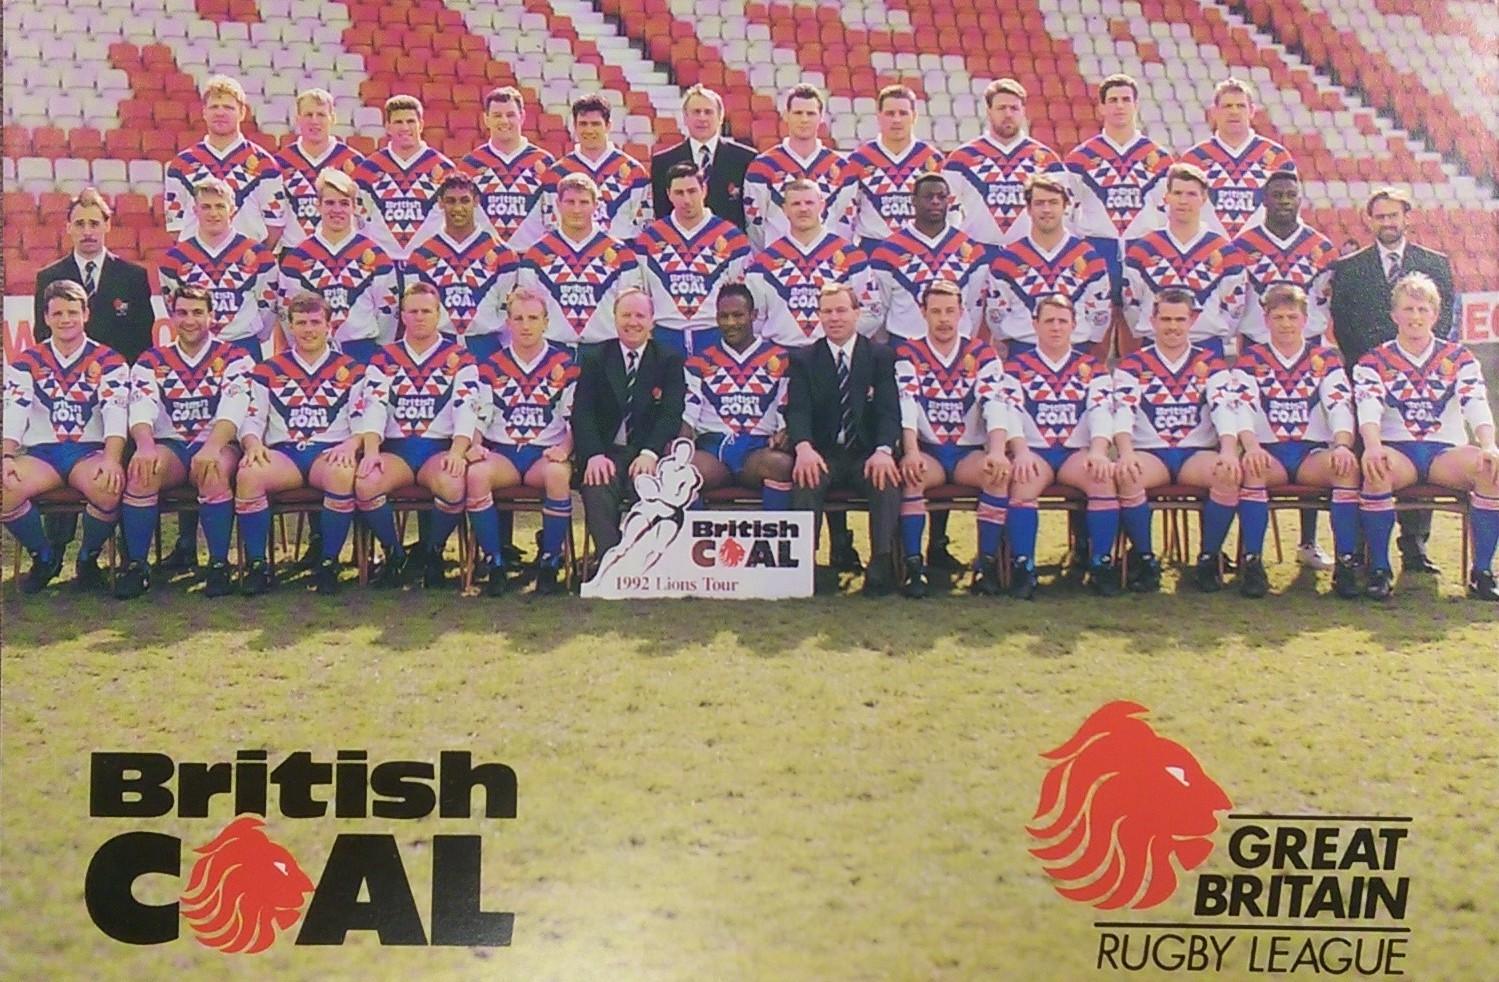 The 1992 Tour